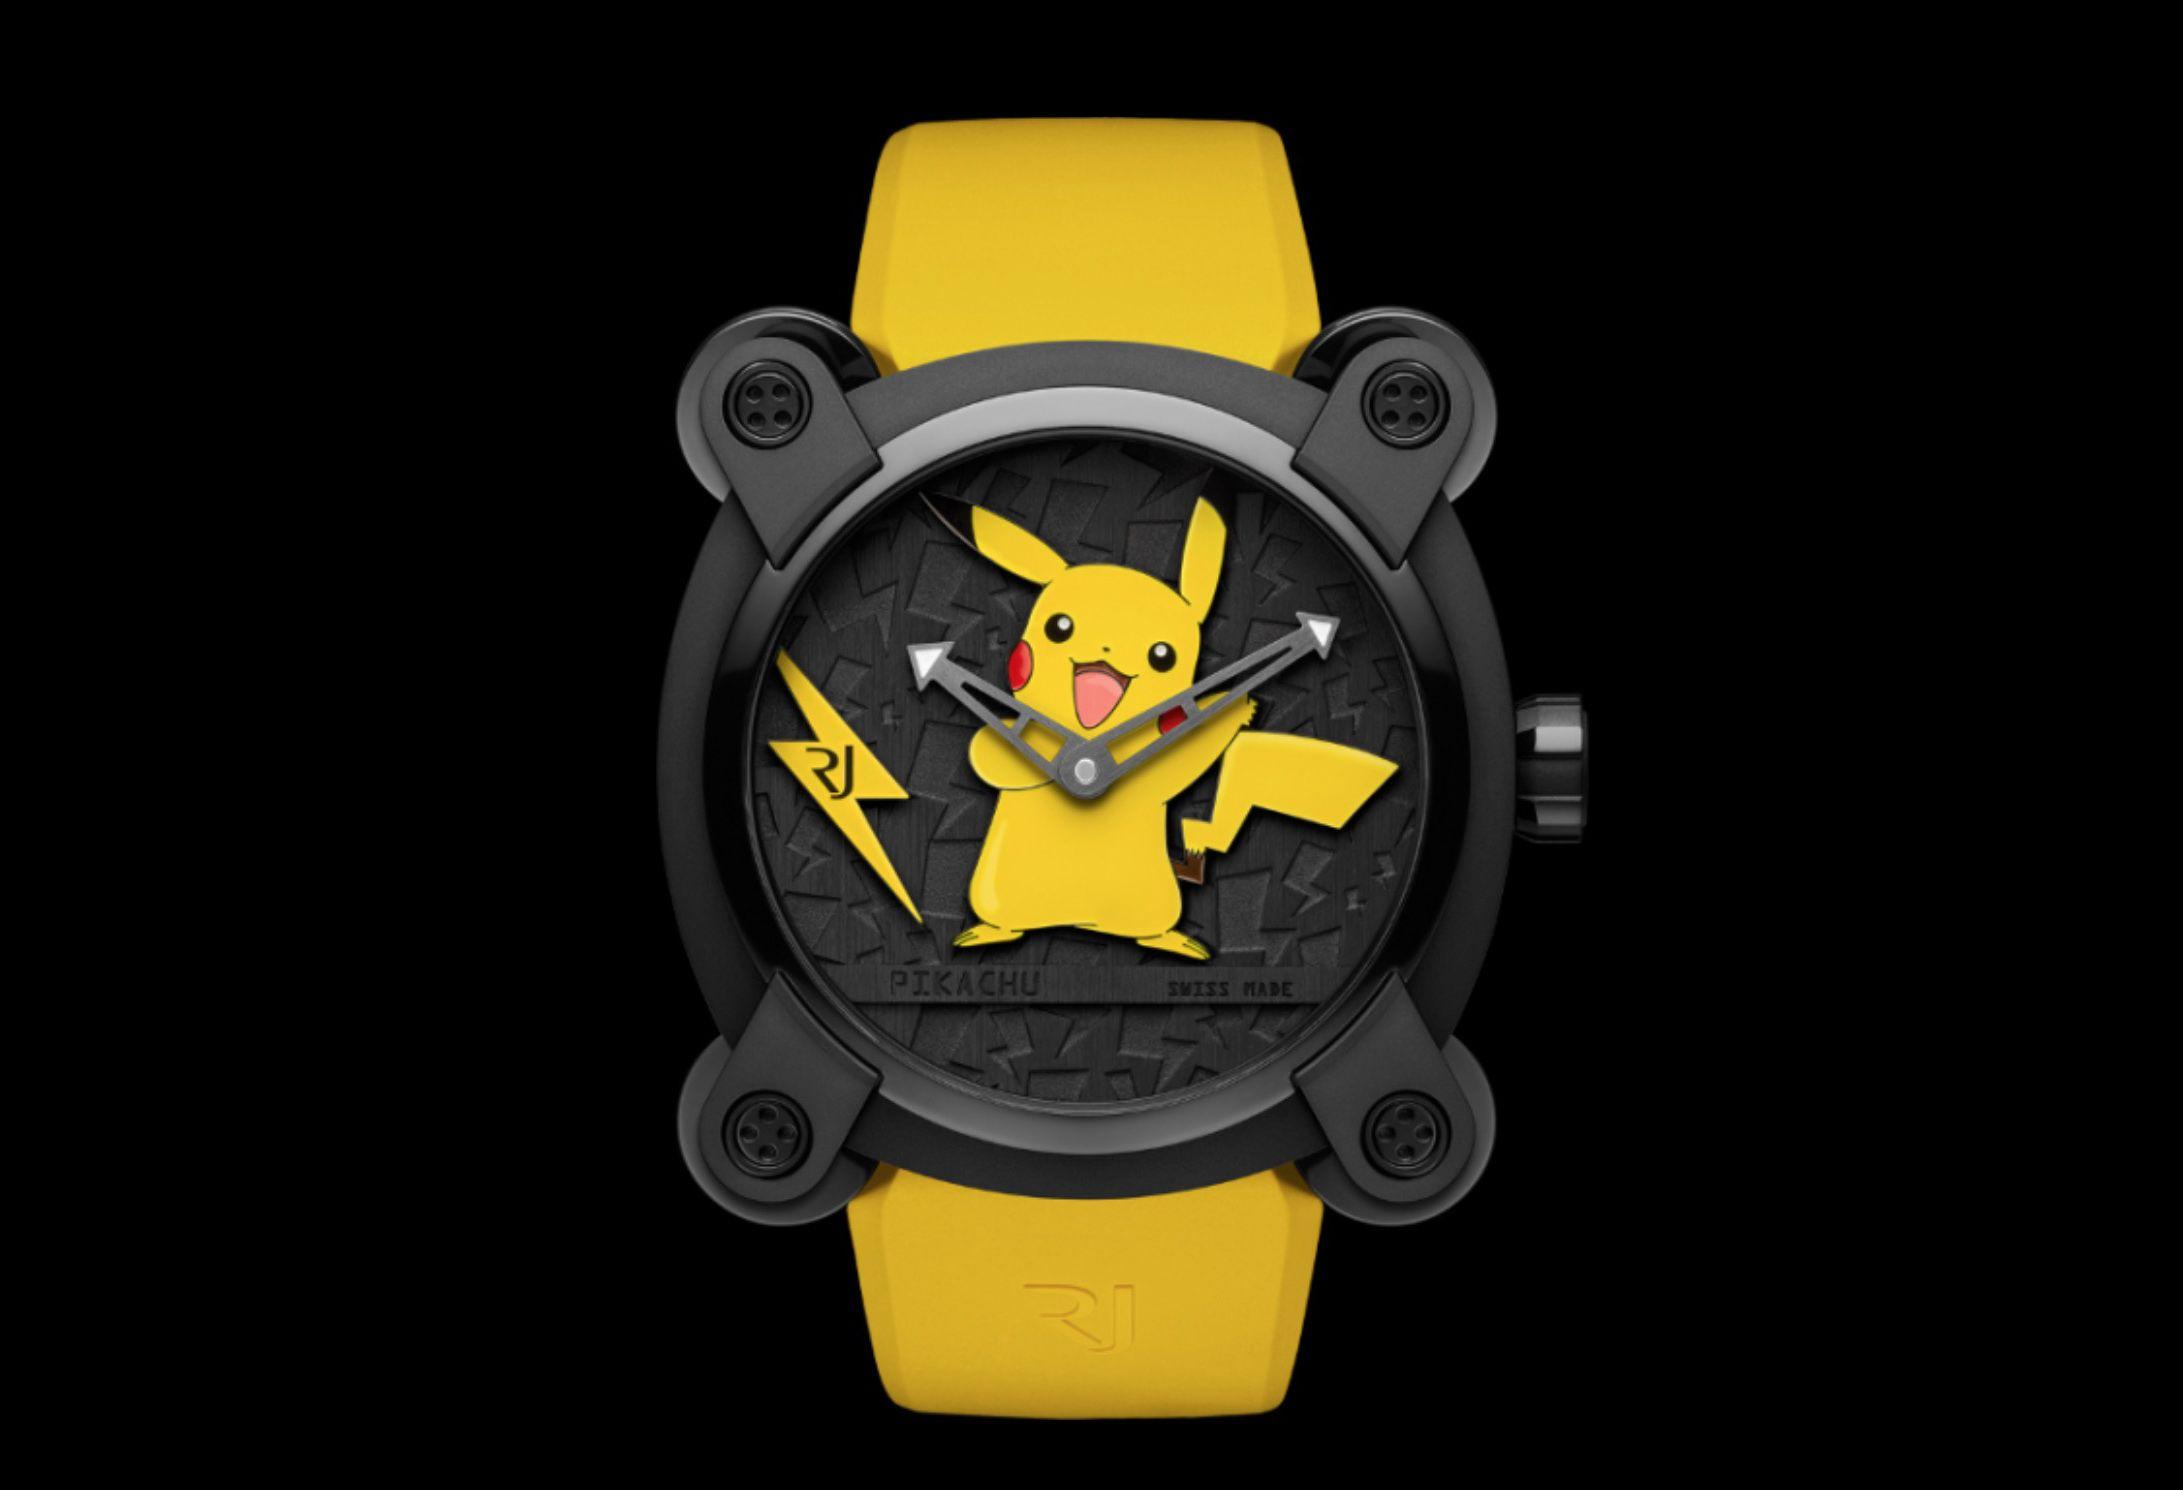 Orologio Pokemon edizione limitata Pikachu